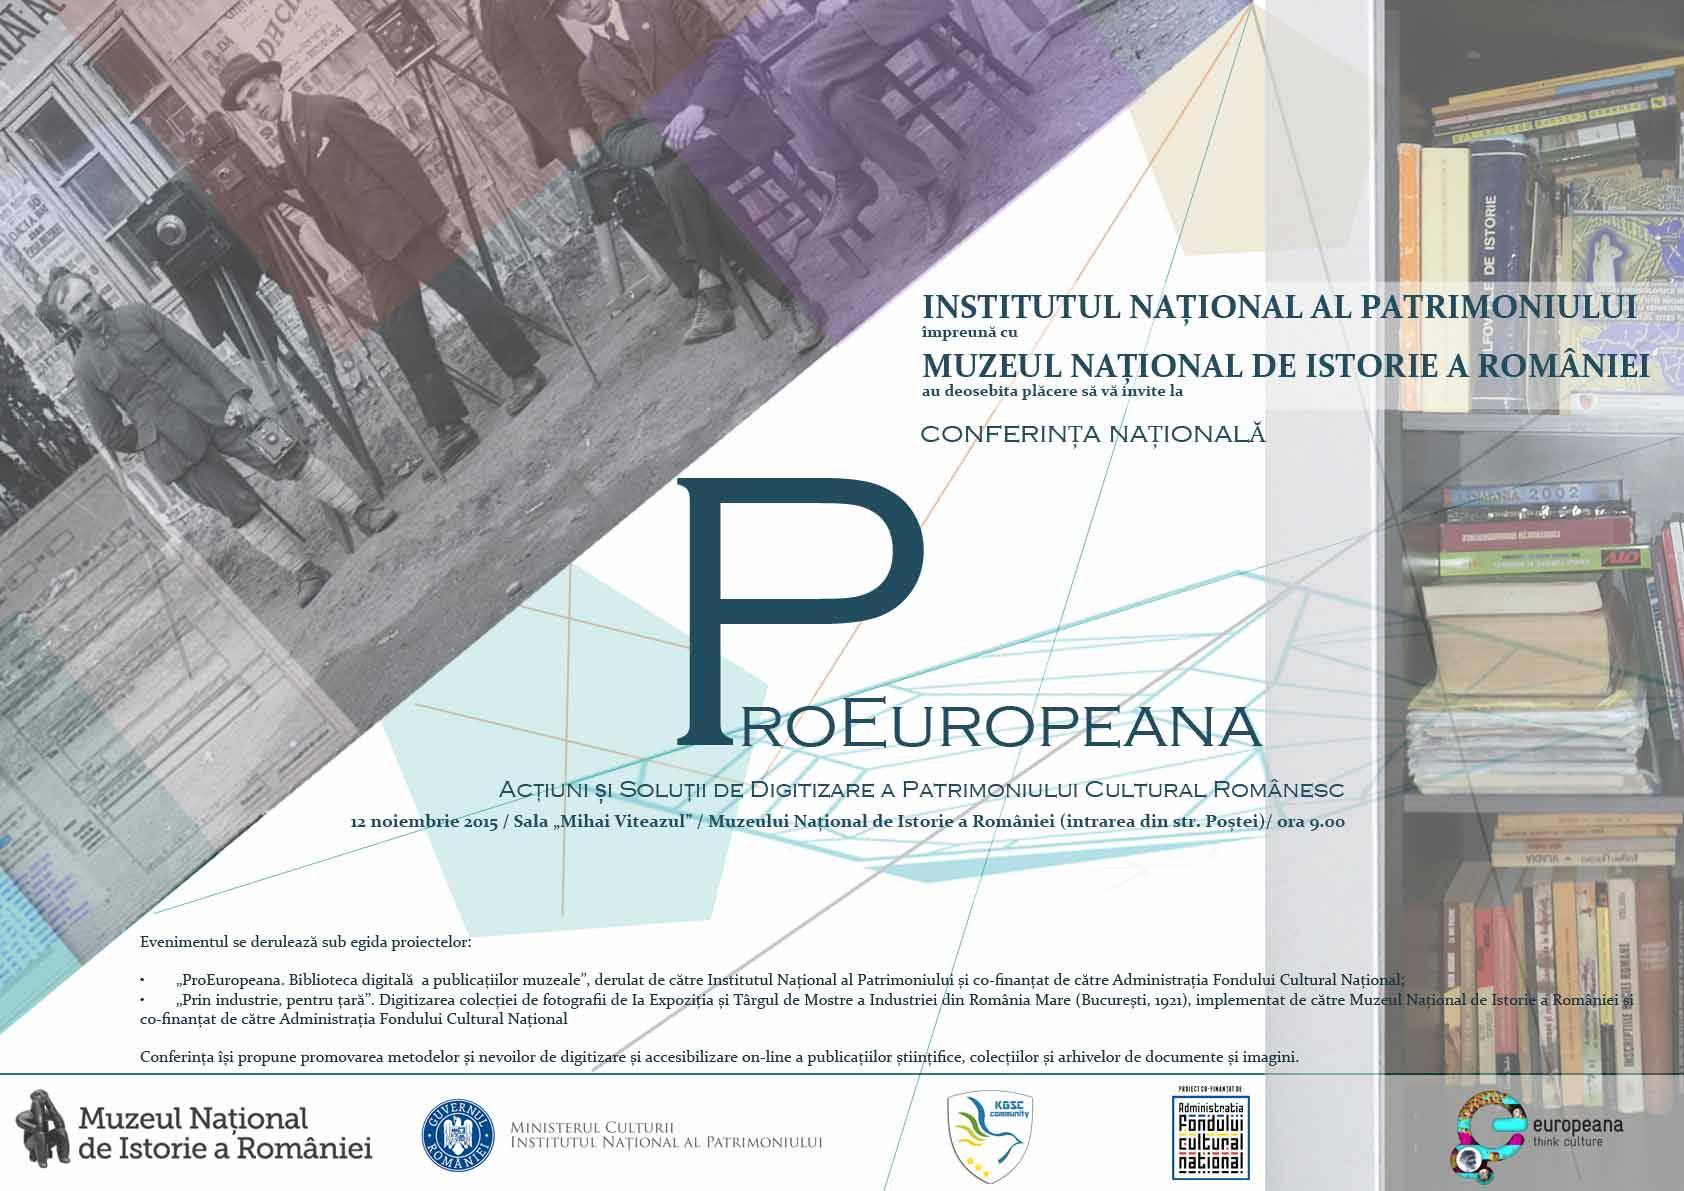 """Conferința """"PRO-EUROPEANA.  Acțiuni și soluții de digitizare a patrimoniului cultural"""""""